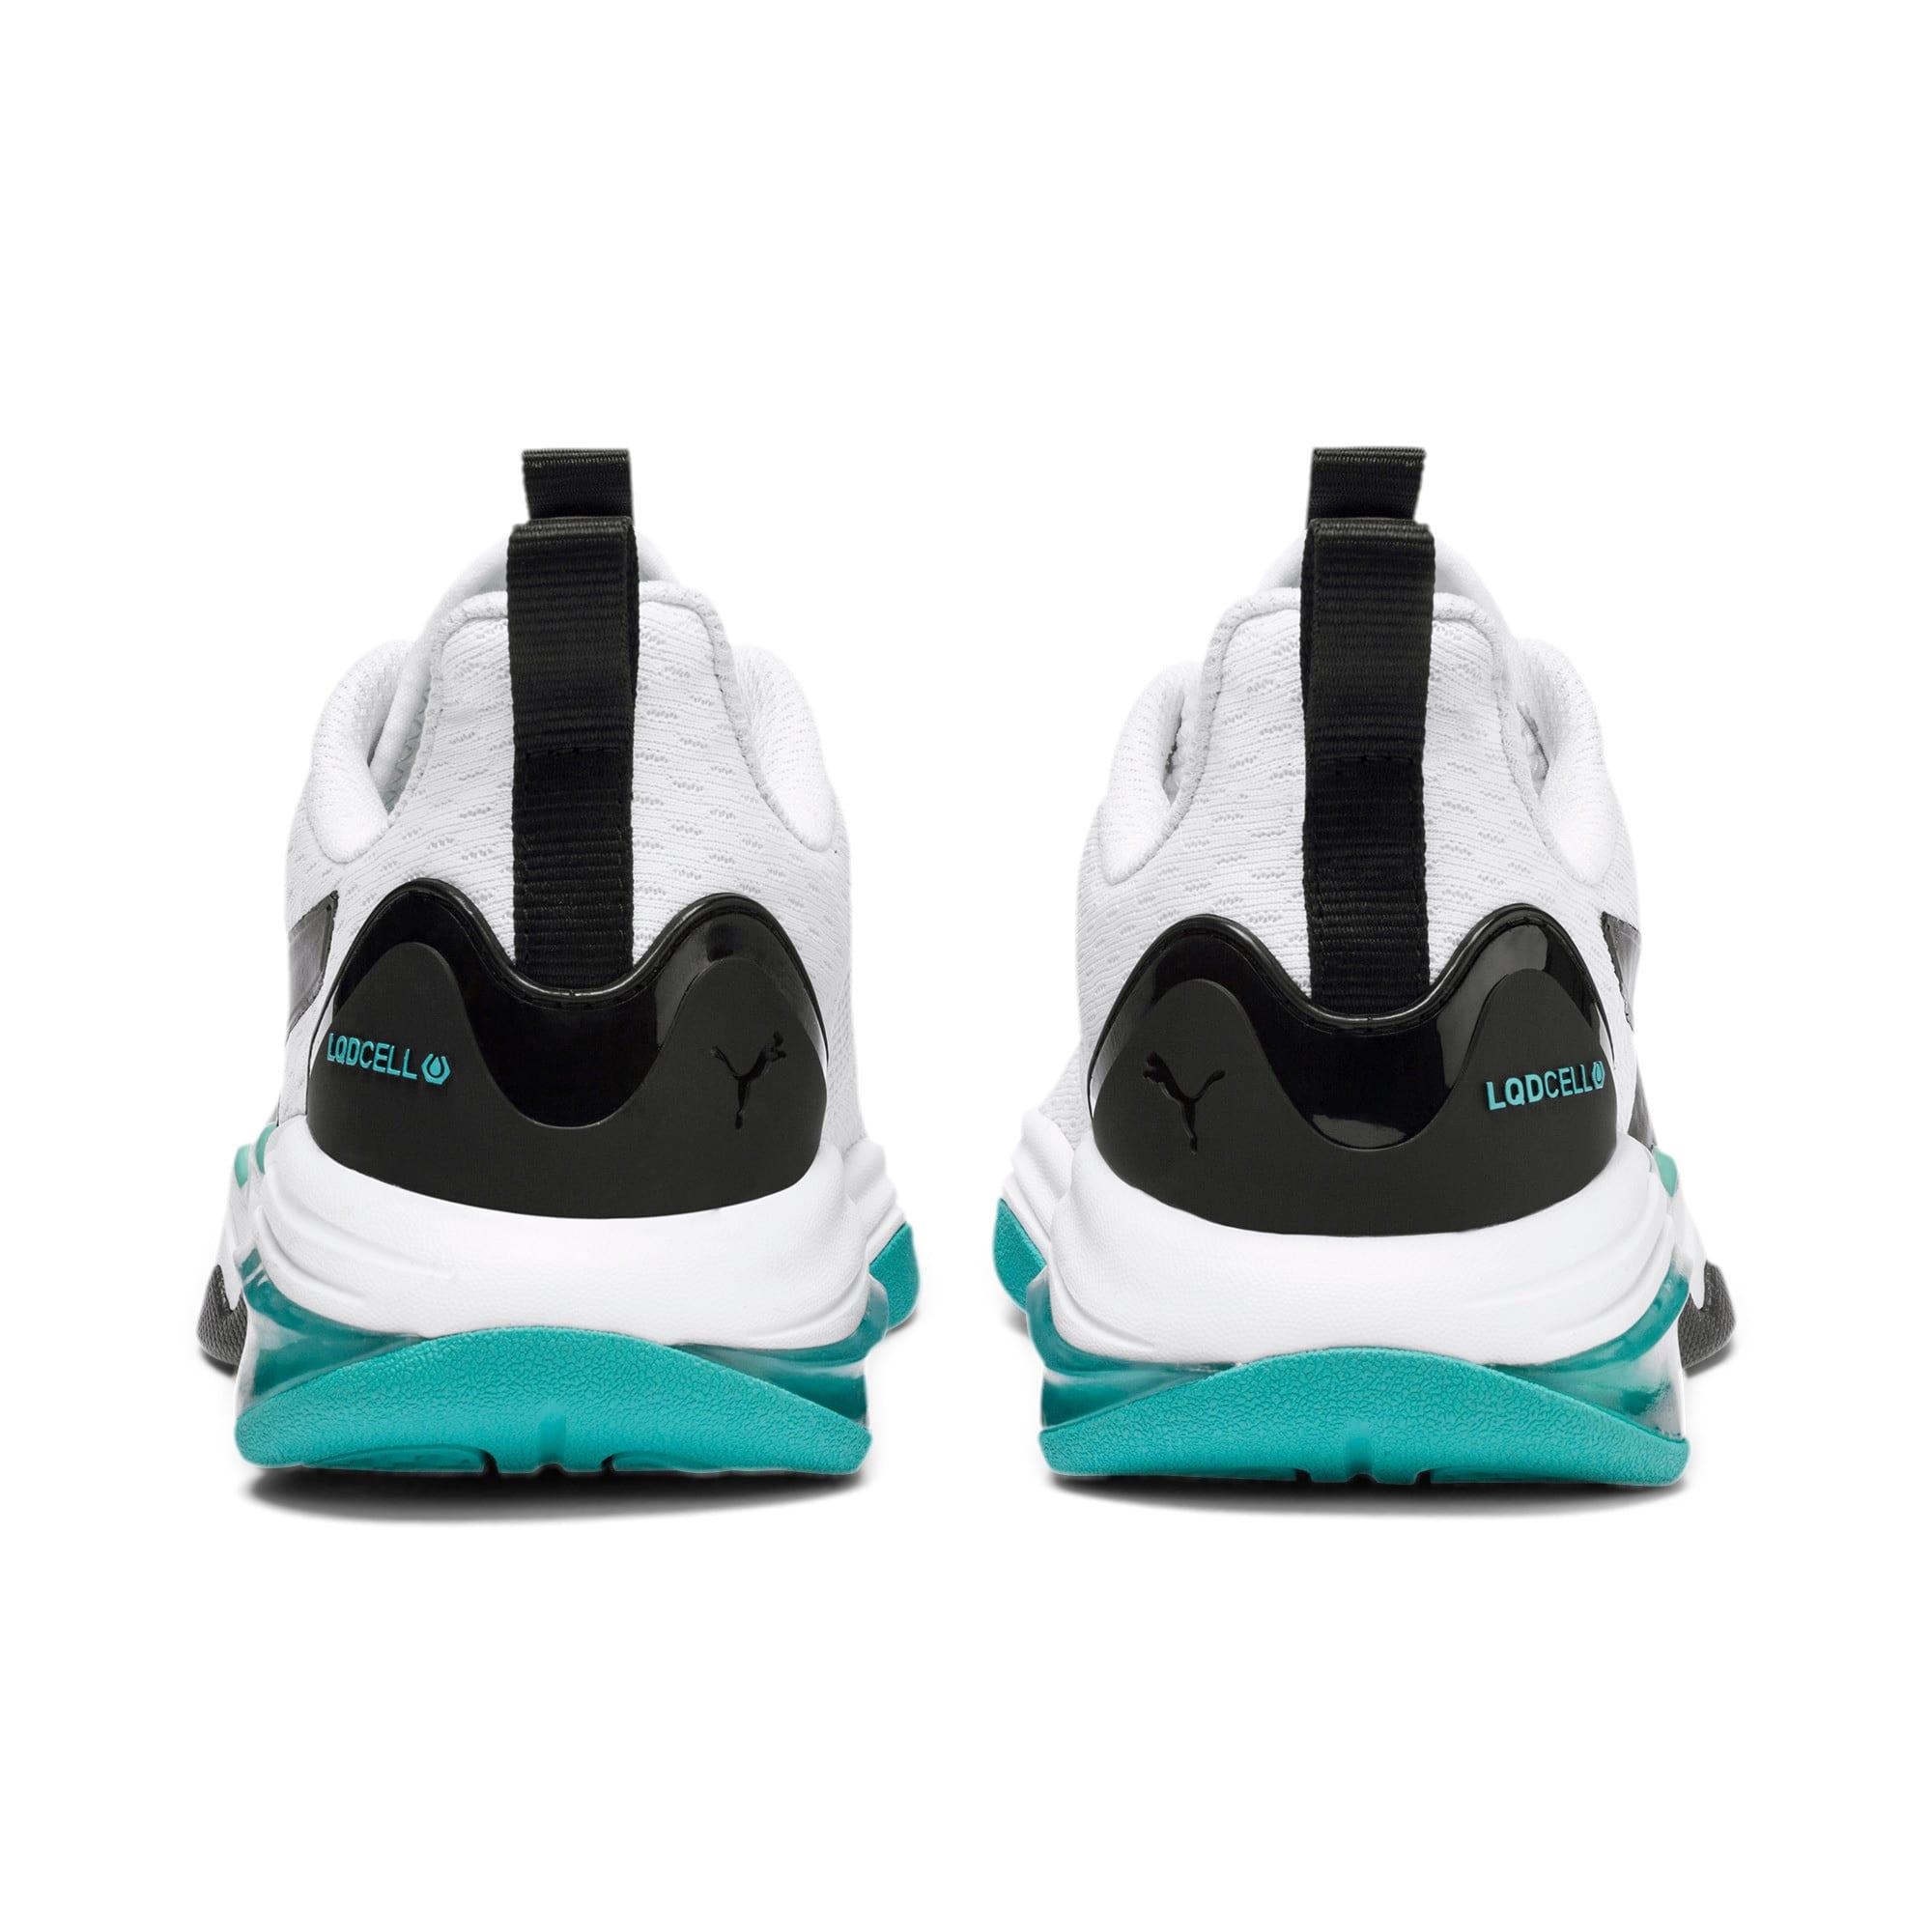 Thumbnail 4 of LQDCELL Tension Training Shoes JR, Puma White-Puma Black, medium